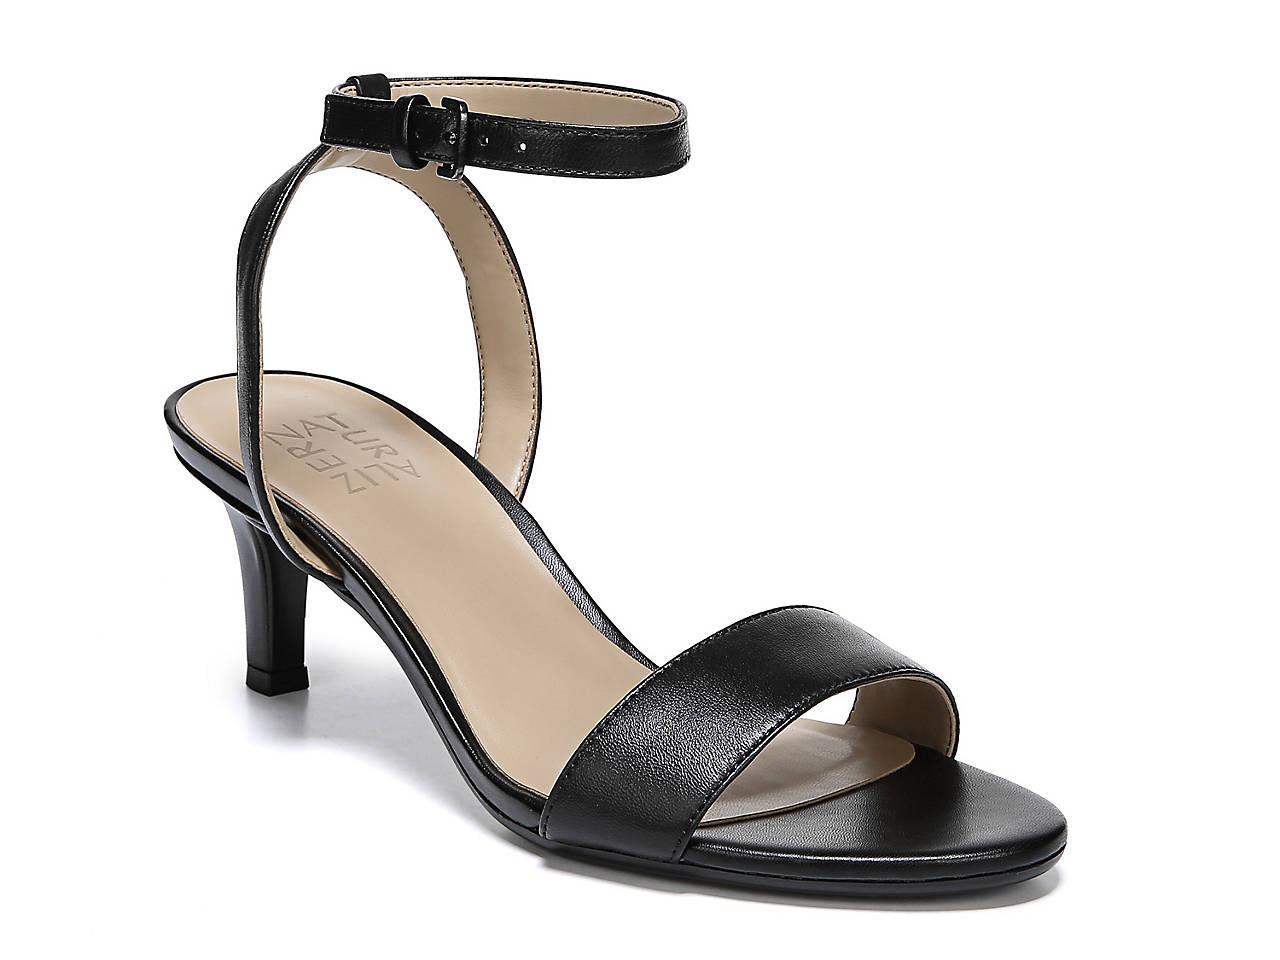 2105fc3c19dc Naturalizer Hattie Sandal Women s Shoes